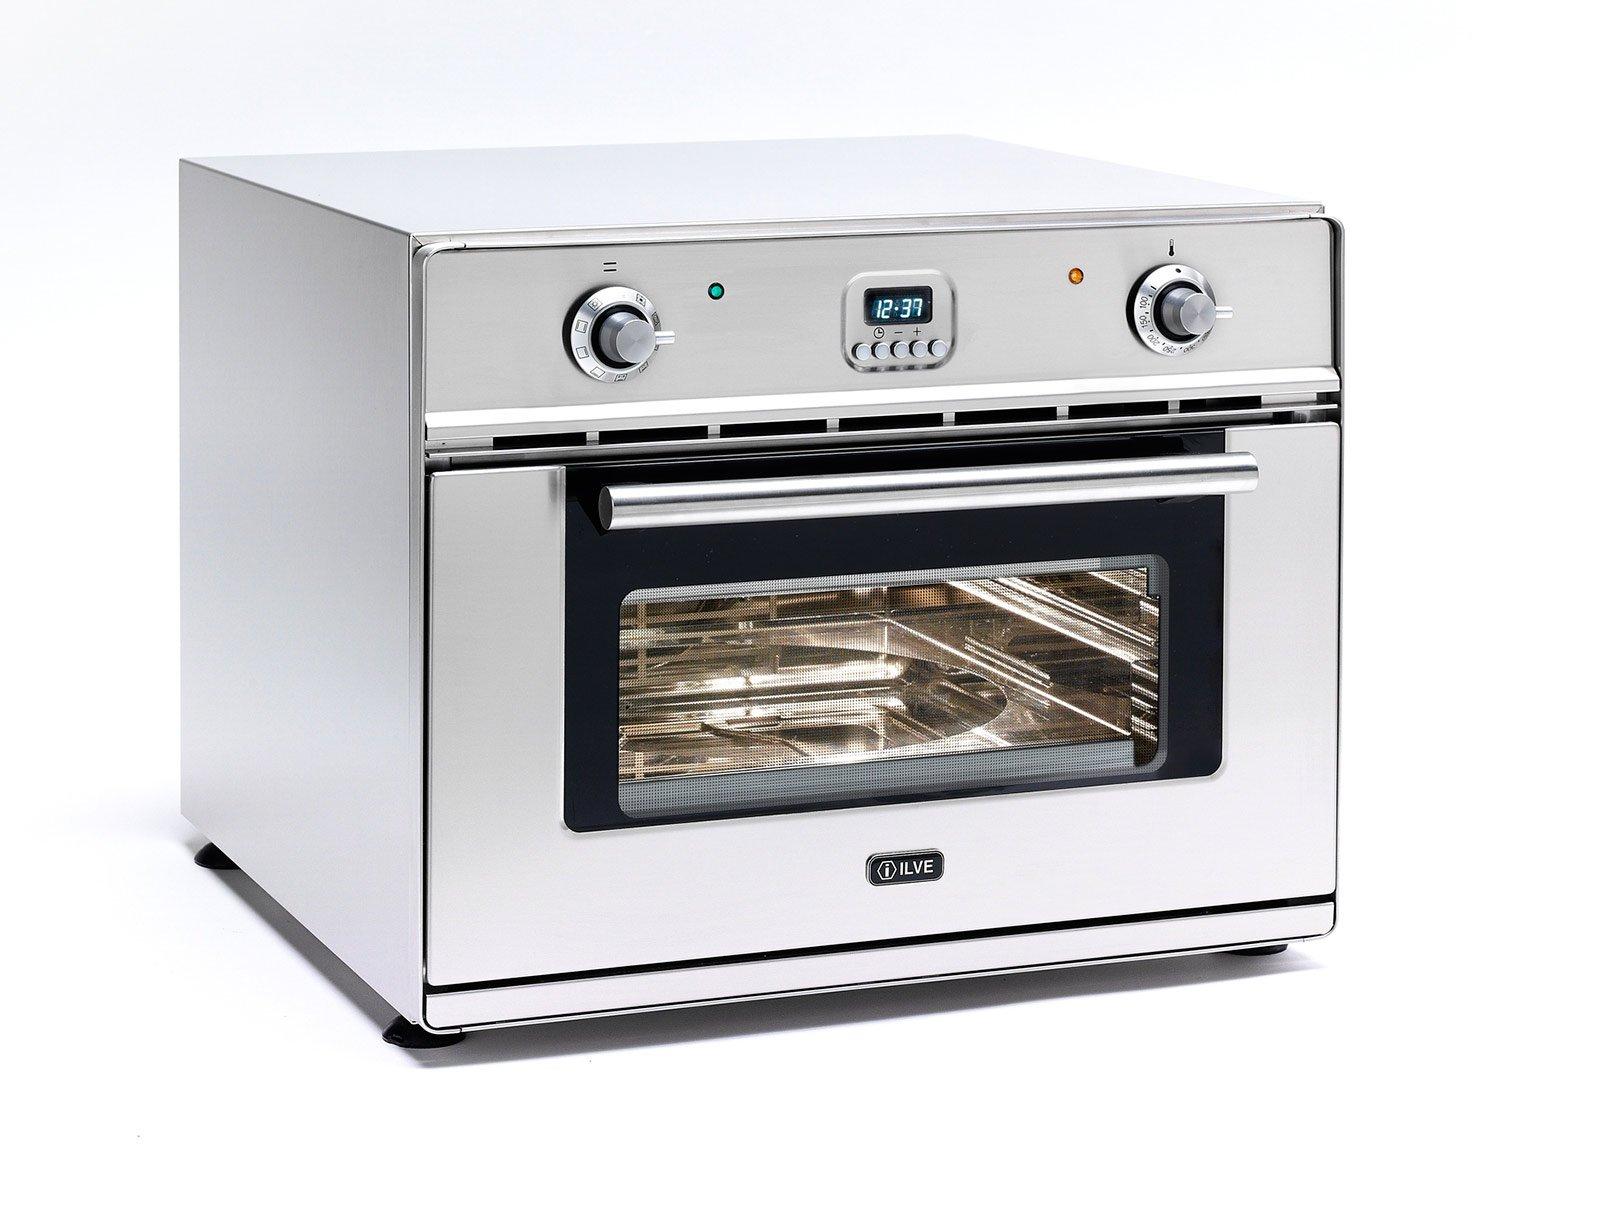 il forno pizza di ilve da incasso ma mobile e pu essere trasportato tramite apposito